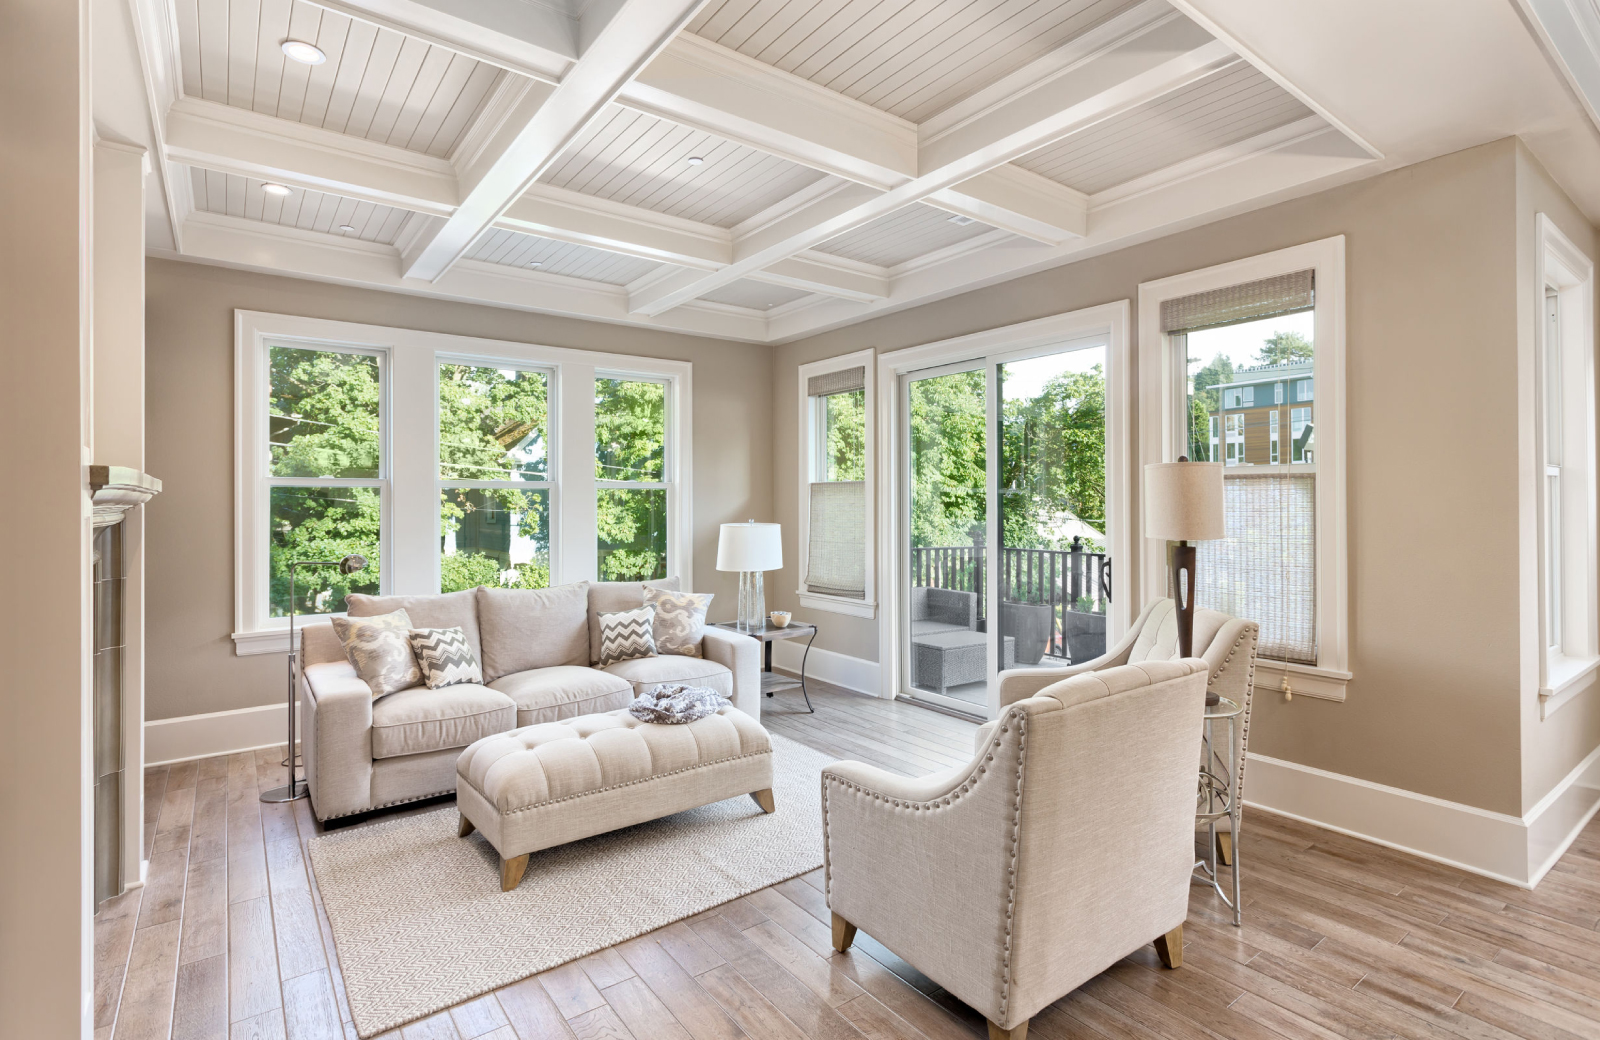 Modern Interior - Alder Apartments Northridge